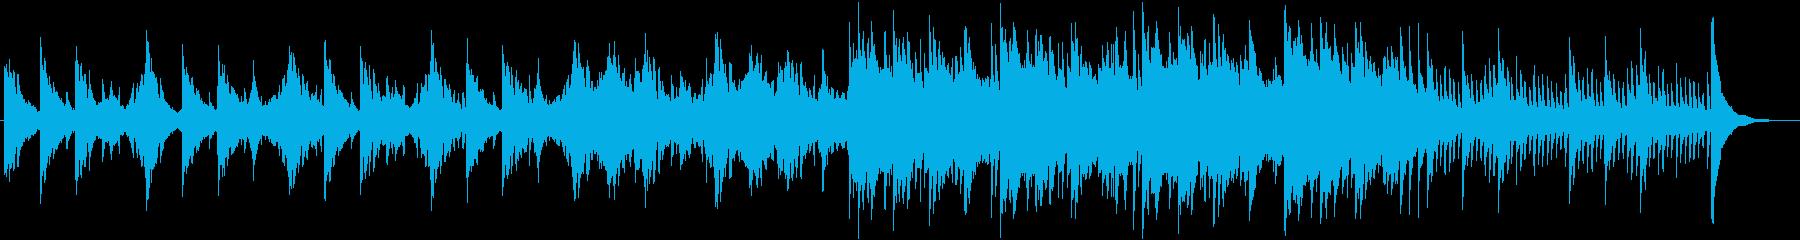 ピアノメインの幻想的な和風バラードの再生済みの波形